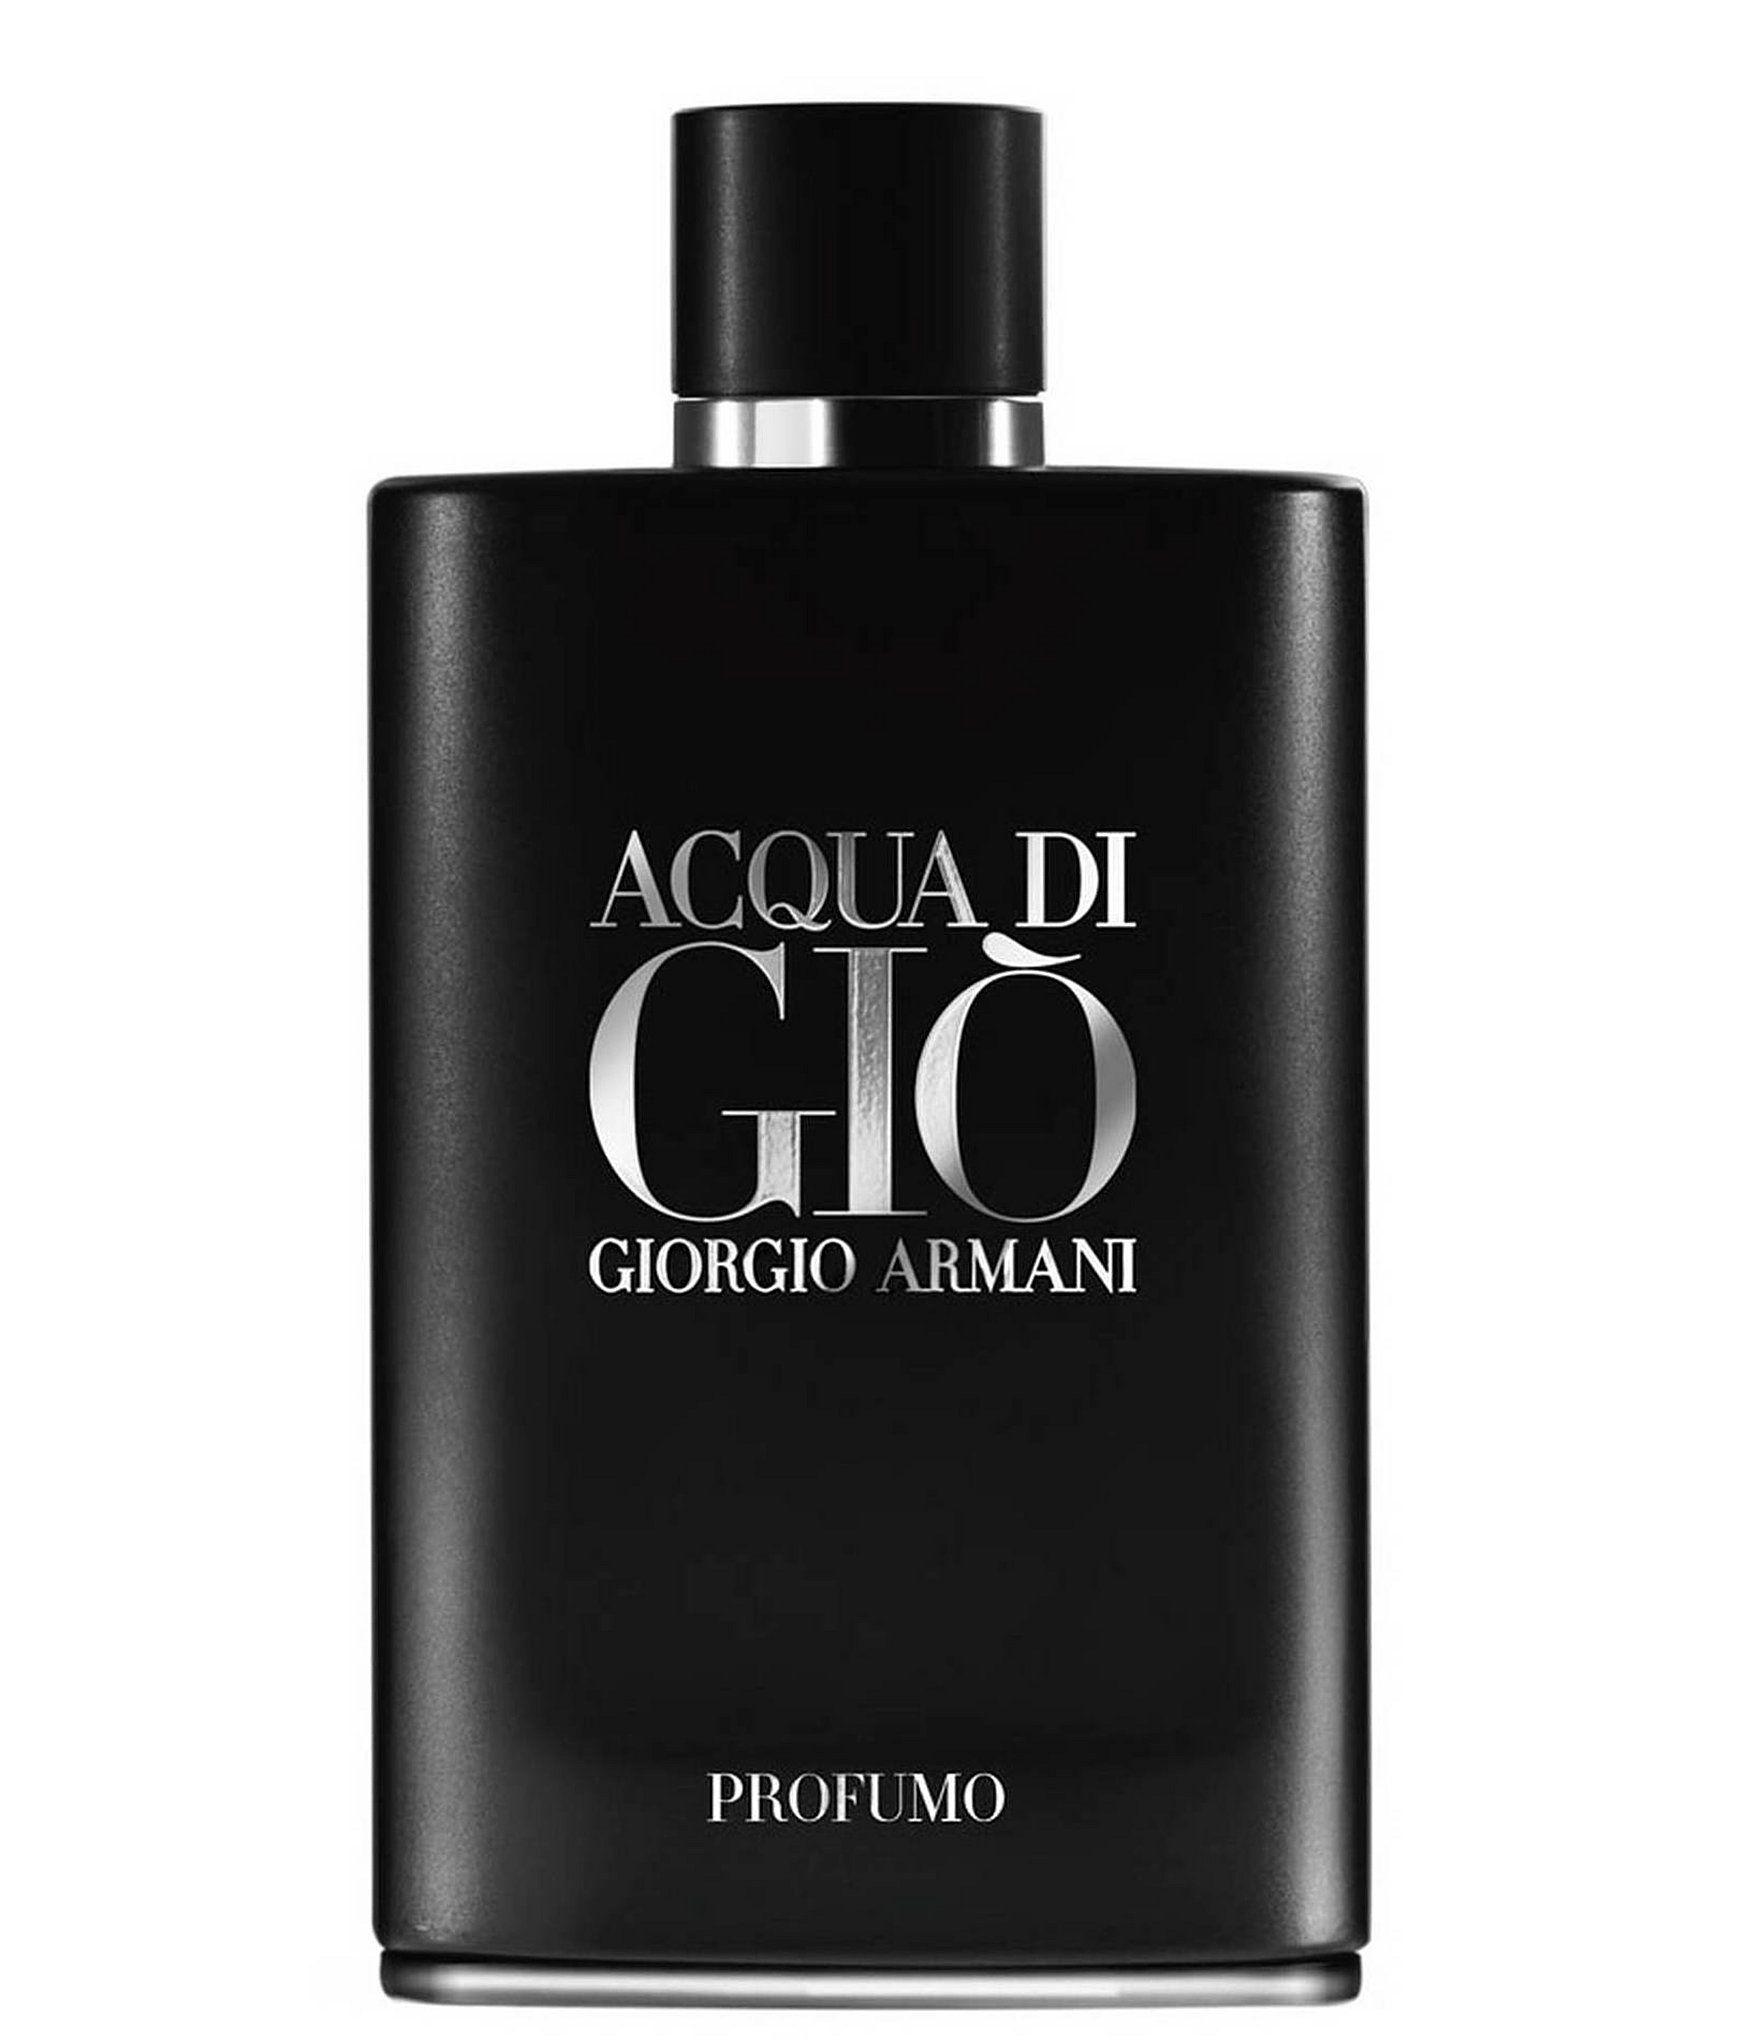 Giorgio Armani Armani Beauty Acqua Di Gio Profumo Eau De Parfum Spray Dillard S In 2020 Armani Acqua Di Gio Profumo Acqua Di Gio Giorgio Armani